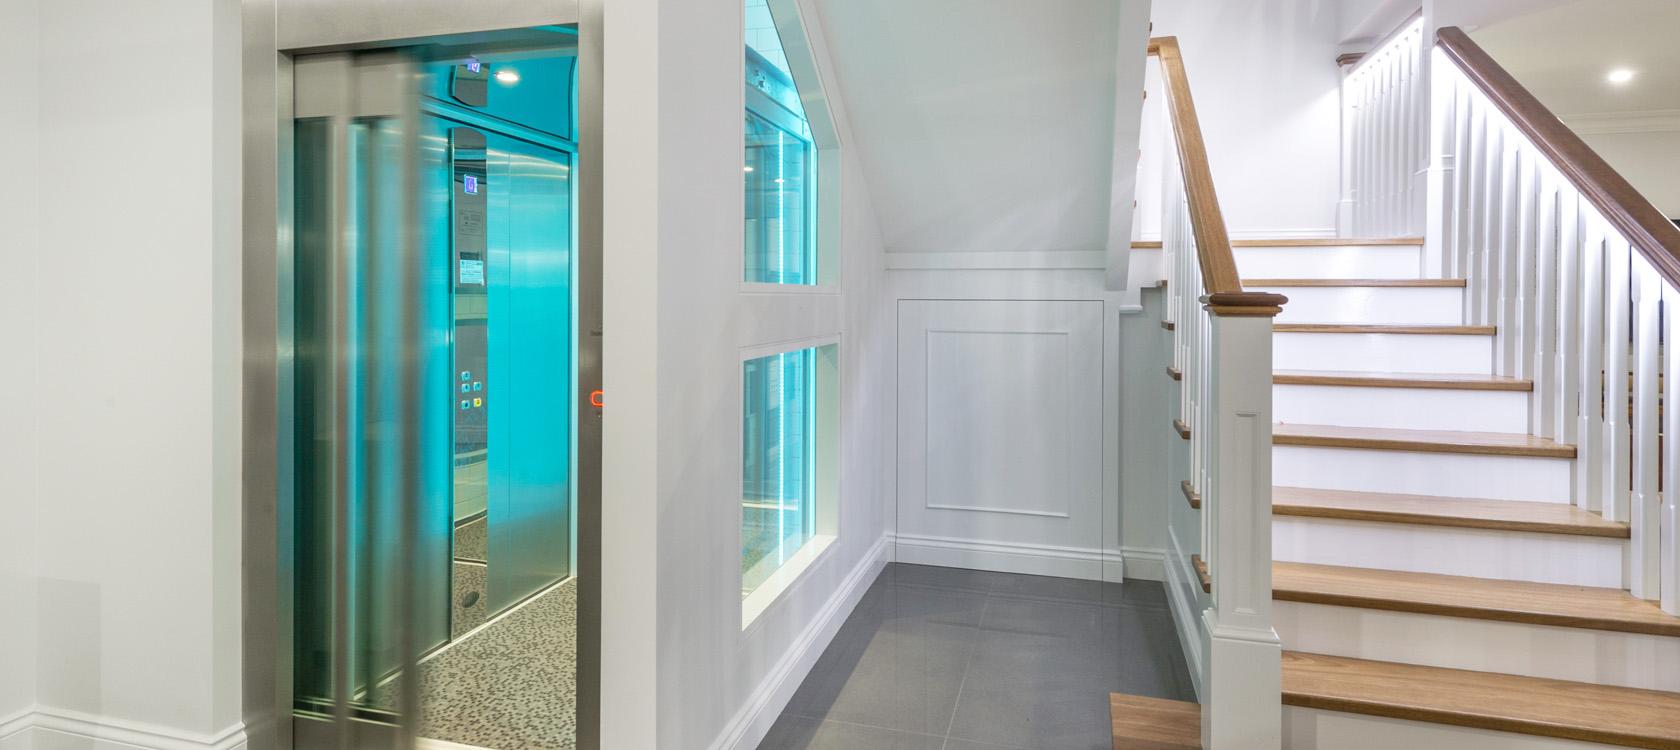 Installazione mini ascensori per casa